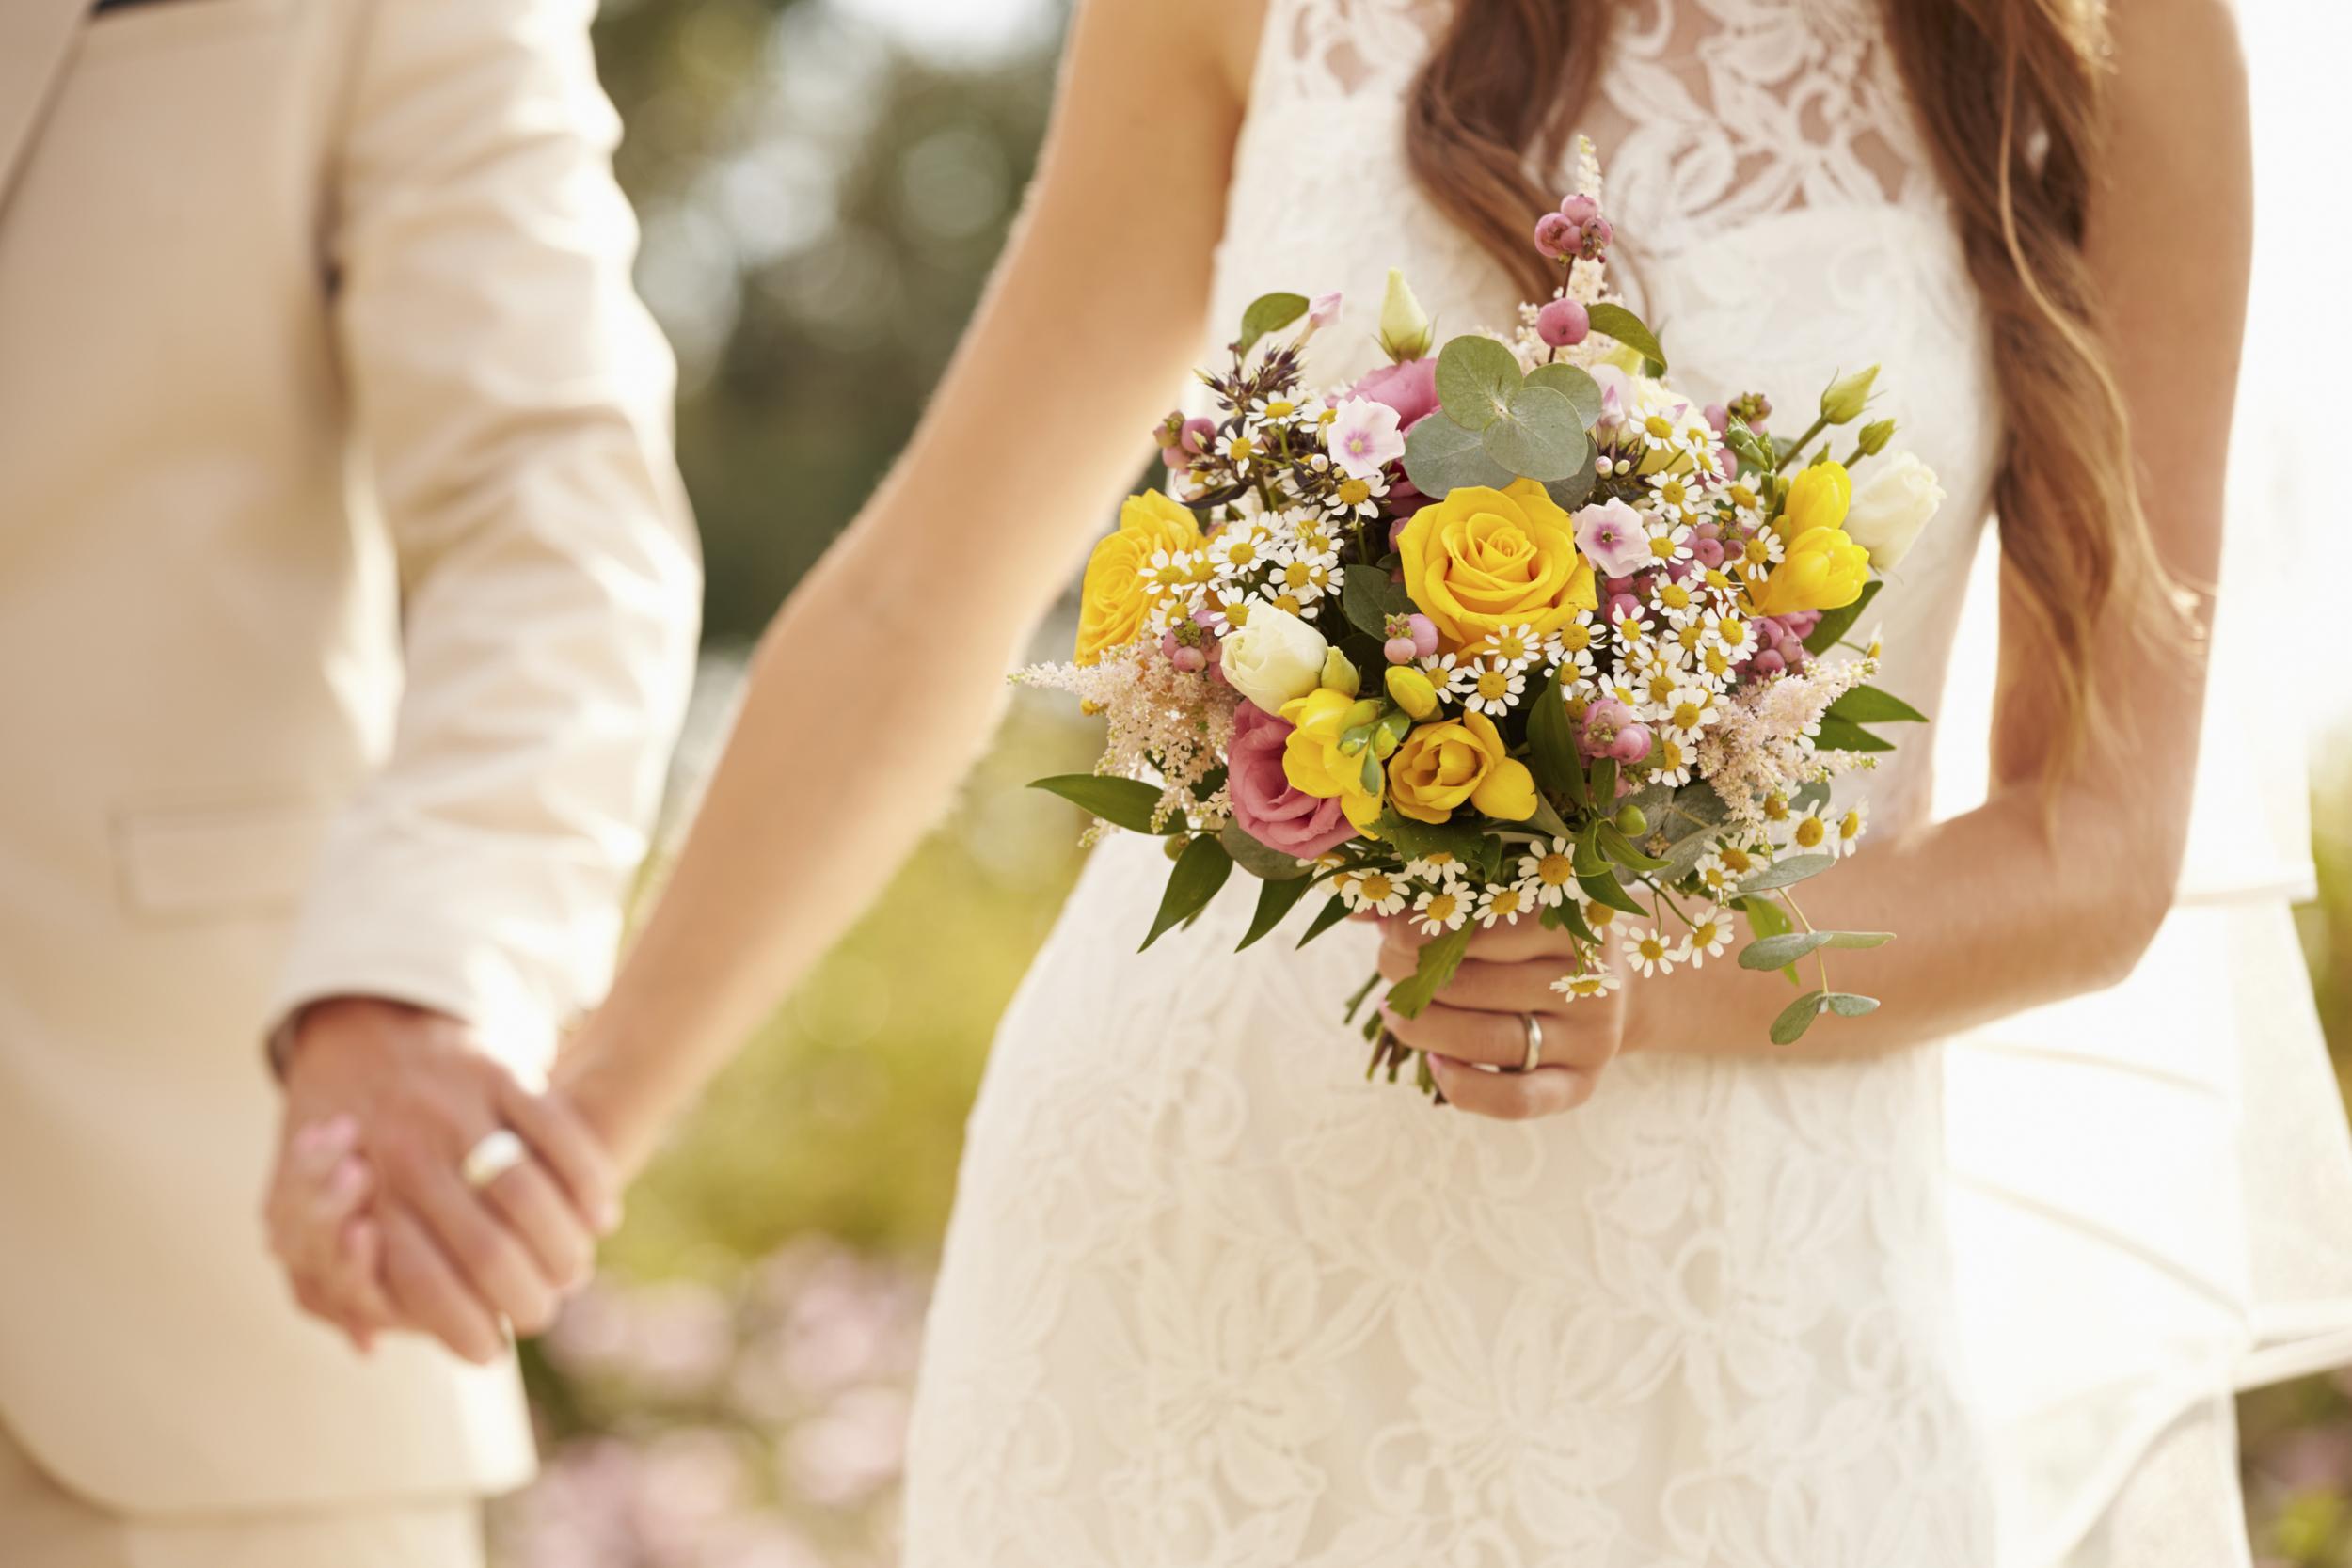 رابطه مناسب ، روابط مناسب ، روابطه هایی به ازدواج منجر نمیشود ، رابطه ازدواج ، ازدواج ناموفق، عشق یکطرفه